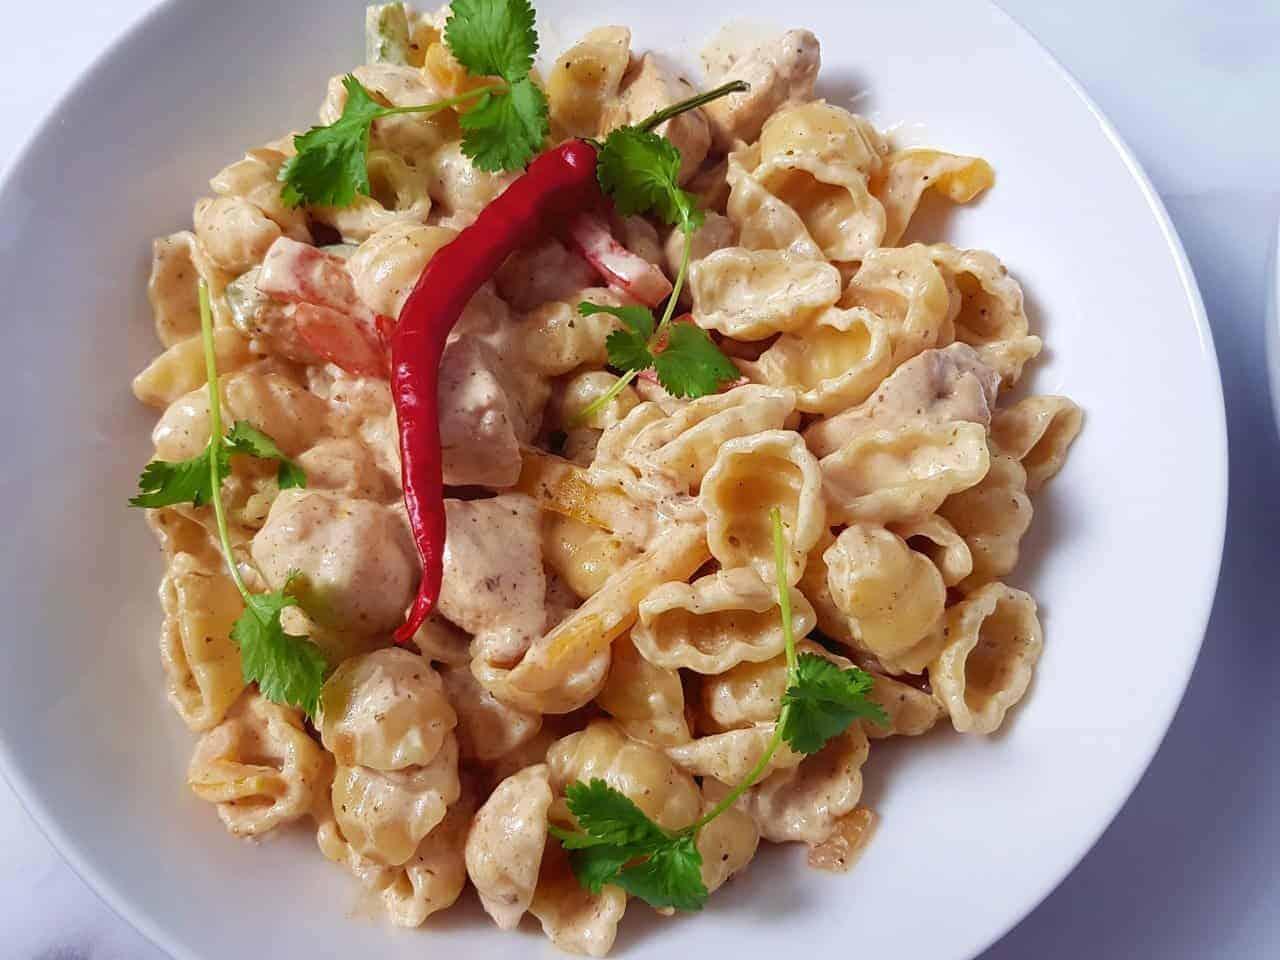 A bowl of creamy fajita pasta, decorated with chili and coriander.